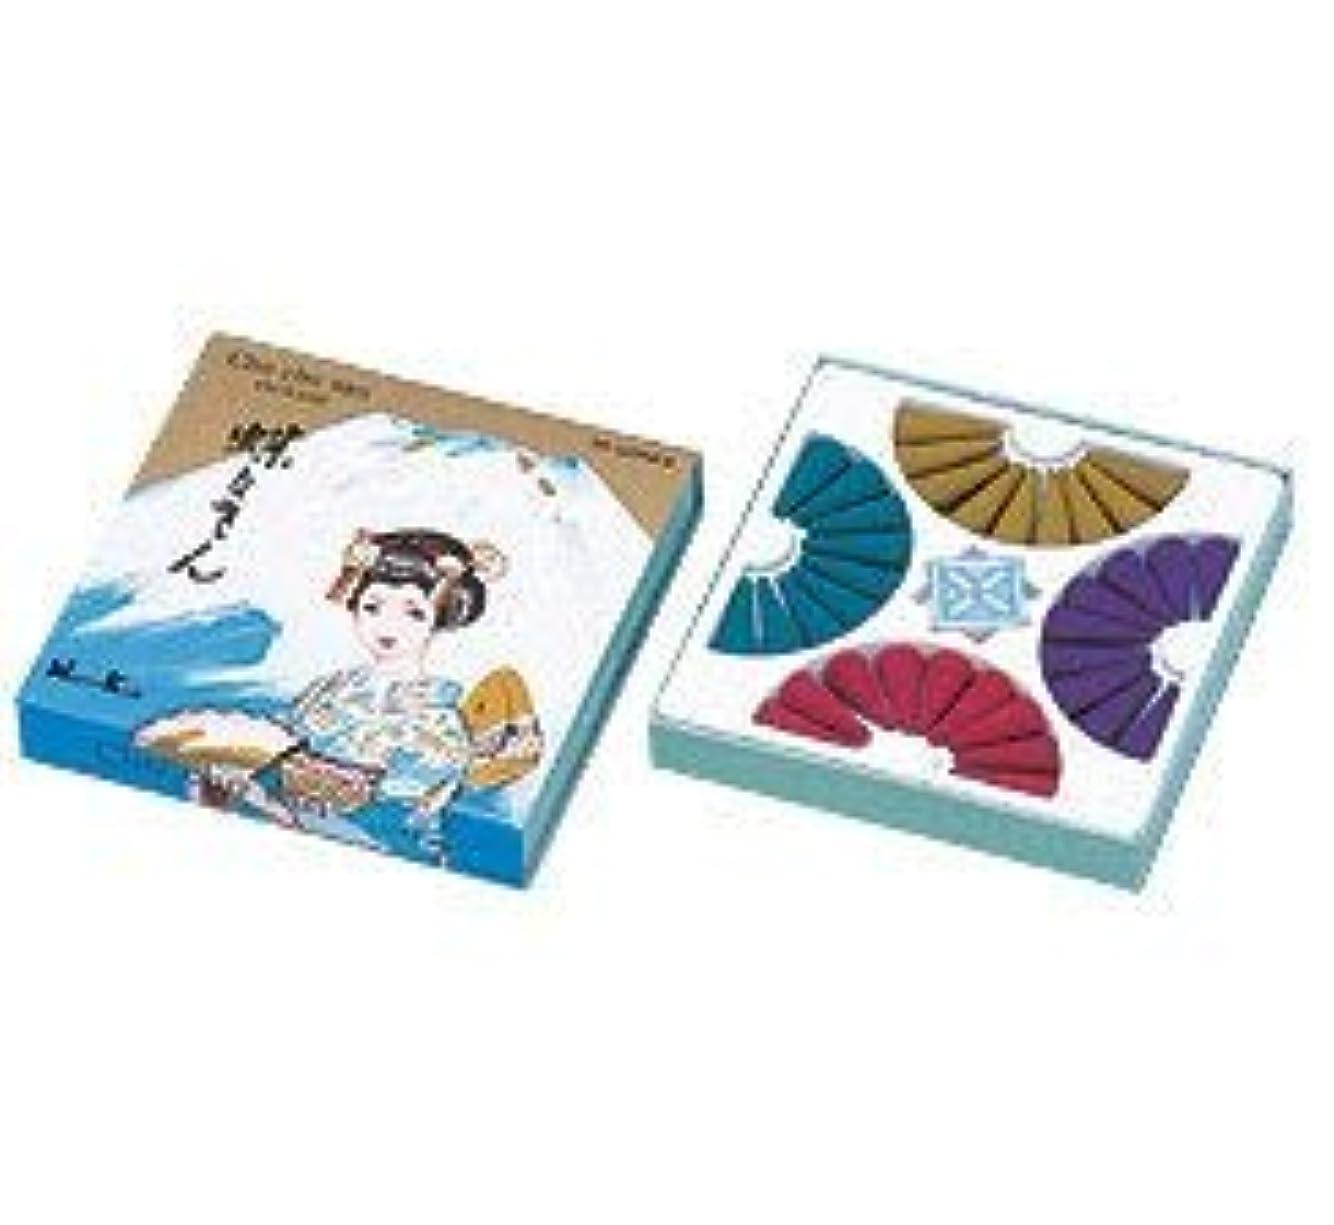 従事する聡明聴覚障害者蝶々さん 36個 × 30個セット